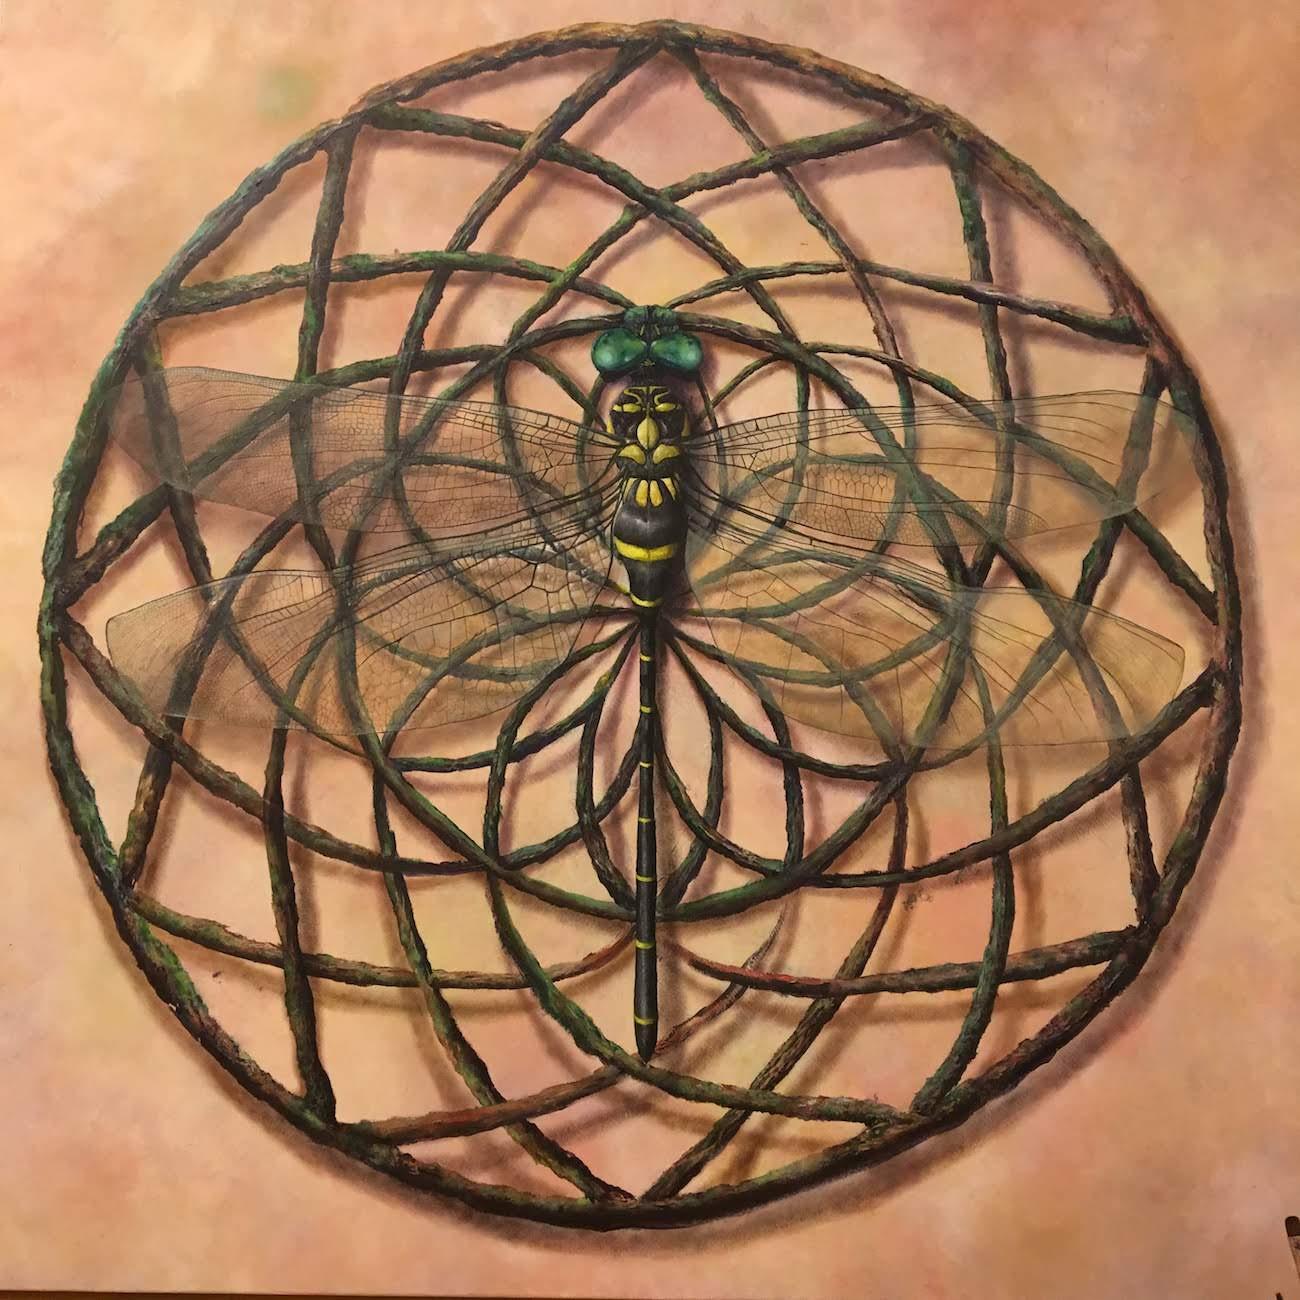 トンボのアクリル絵具での描き方を調べても出てこなかったので超緻密に描いてみた。